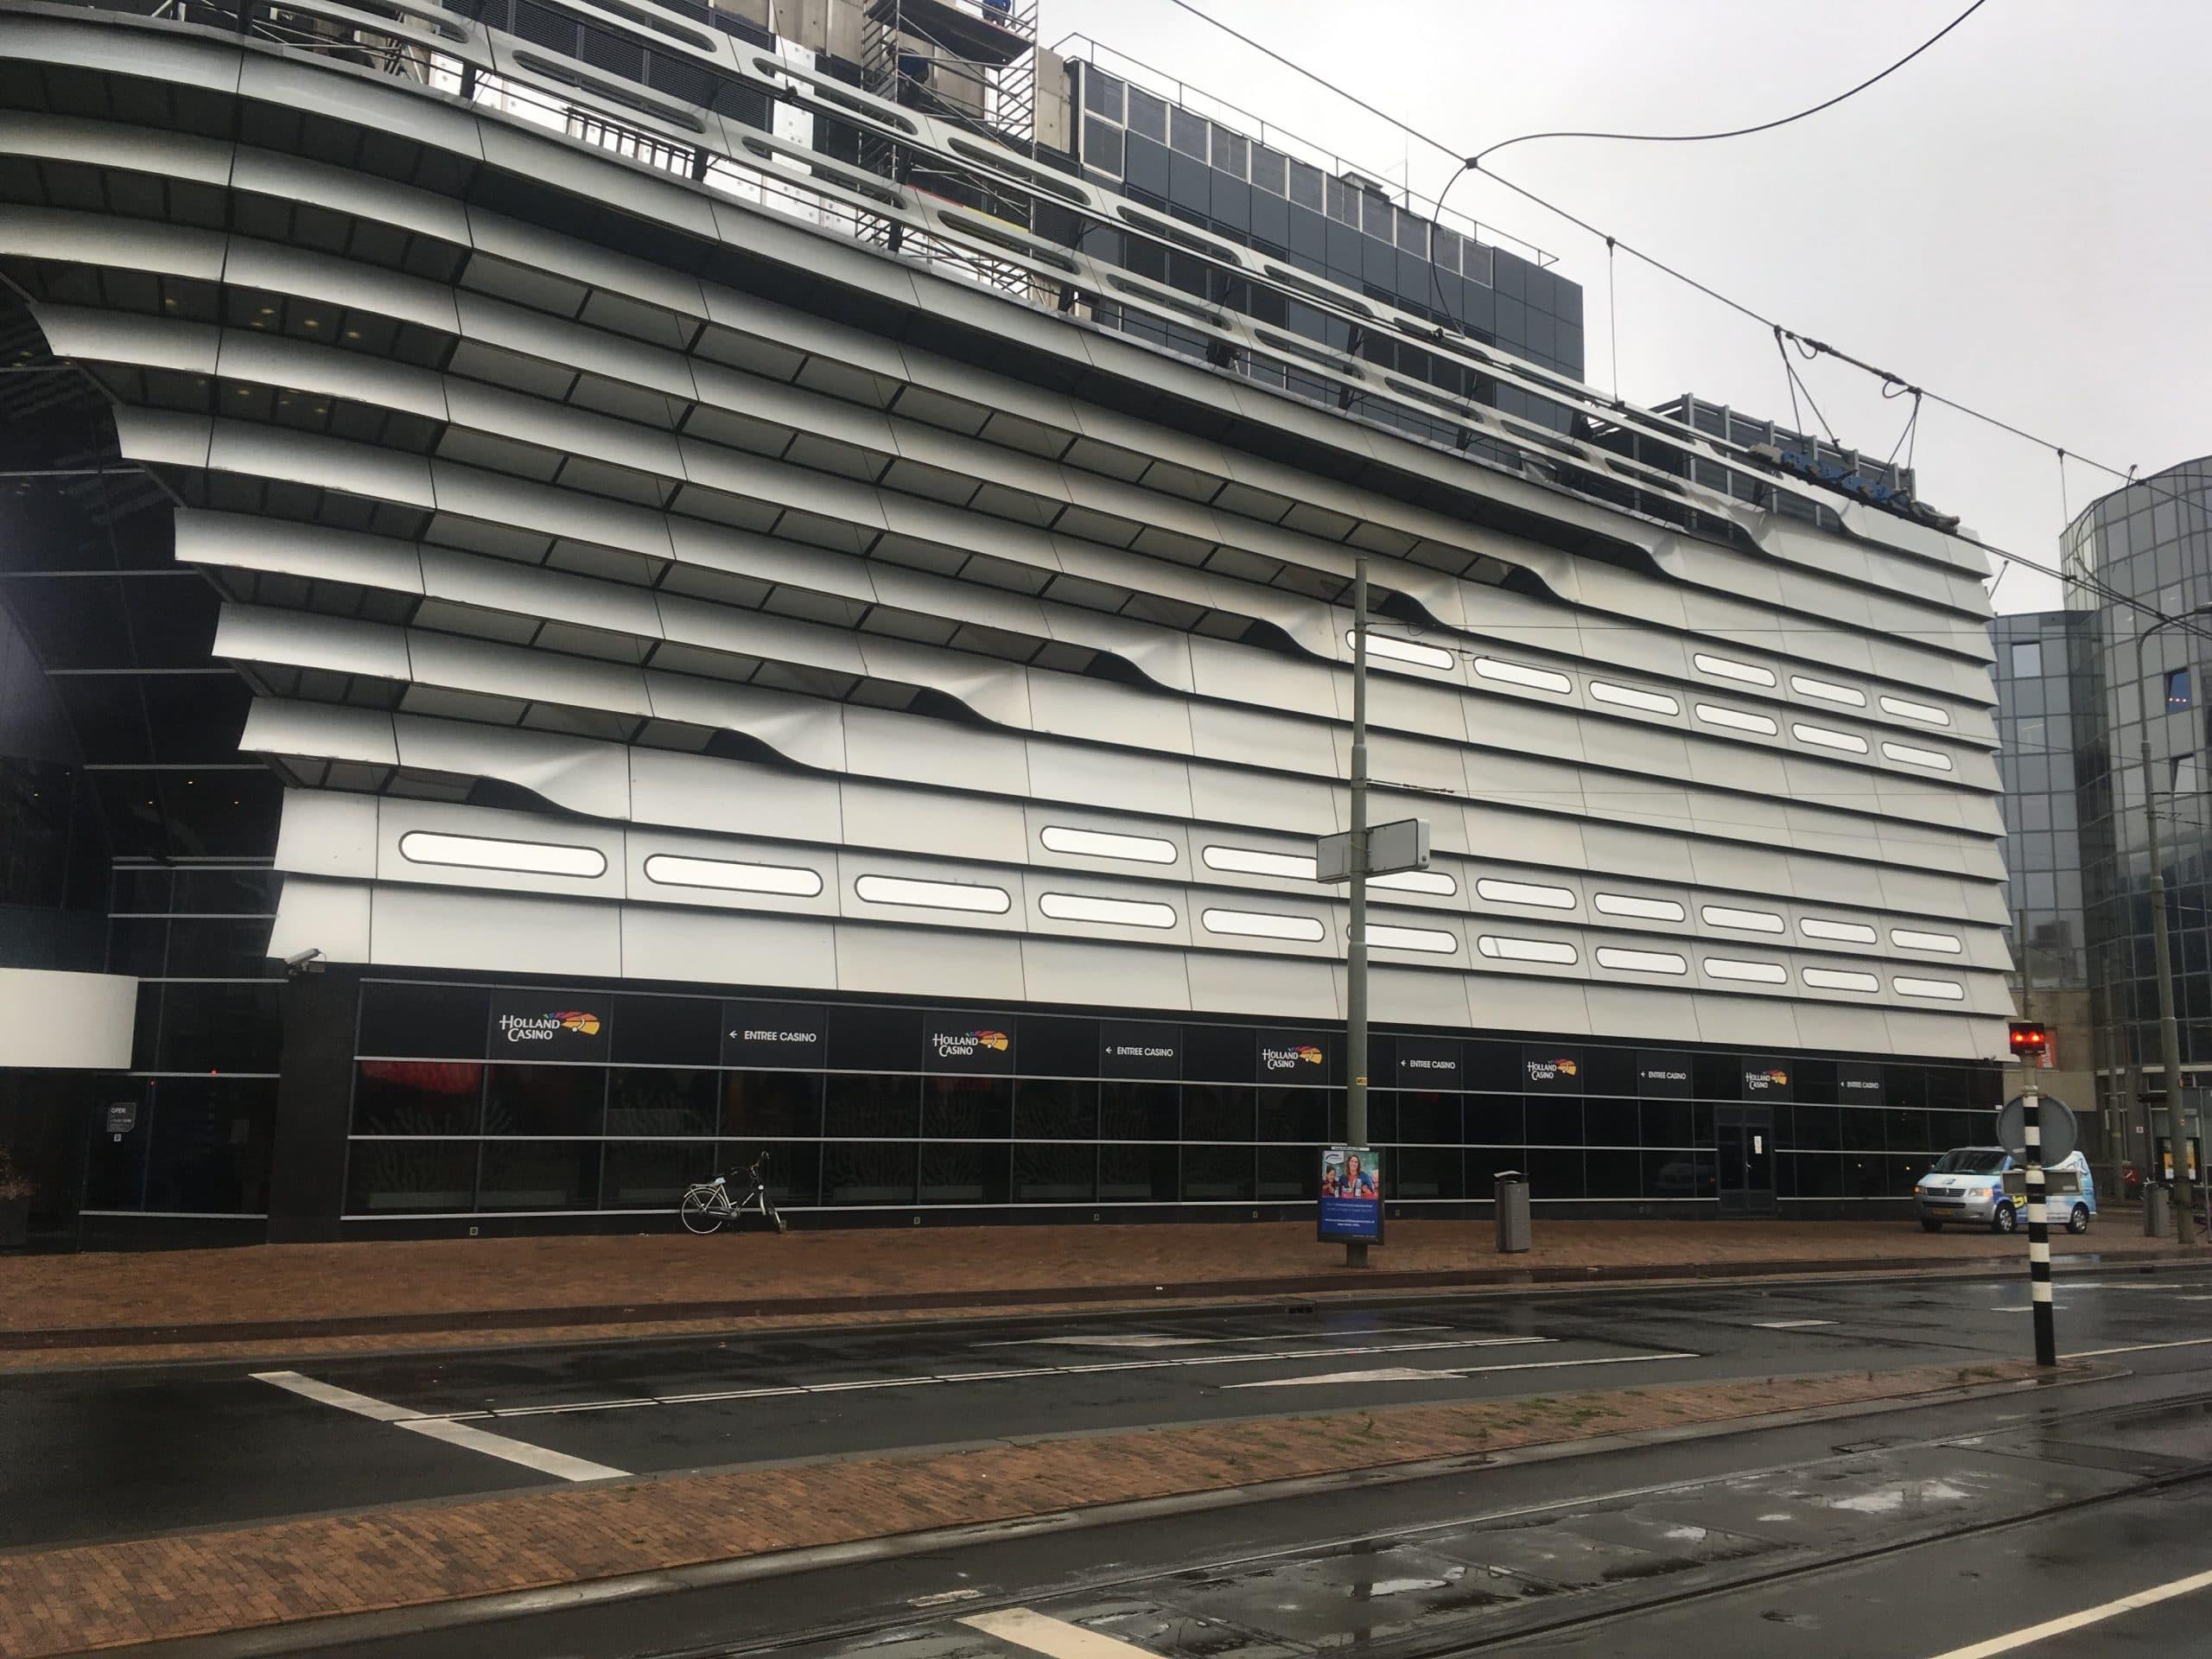 Holland Casino Scheveningen - montage van Sunblock Zilver 20 op alle liggende ramen zodat de inkijk belemmerd wordt.